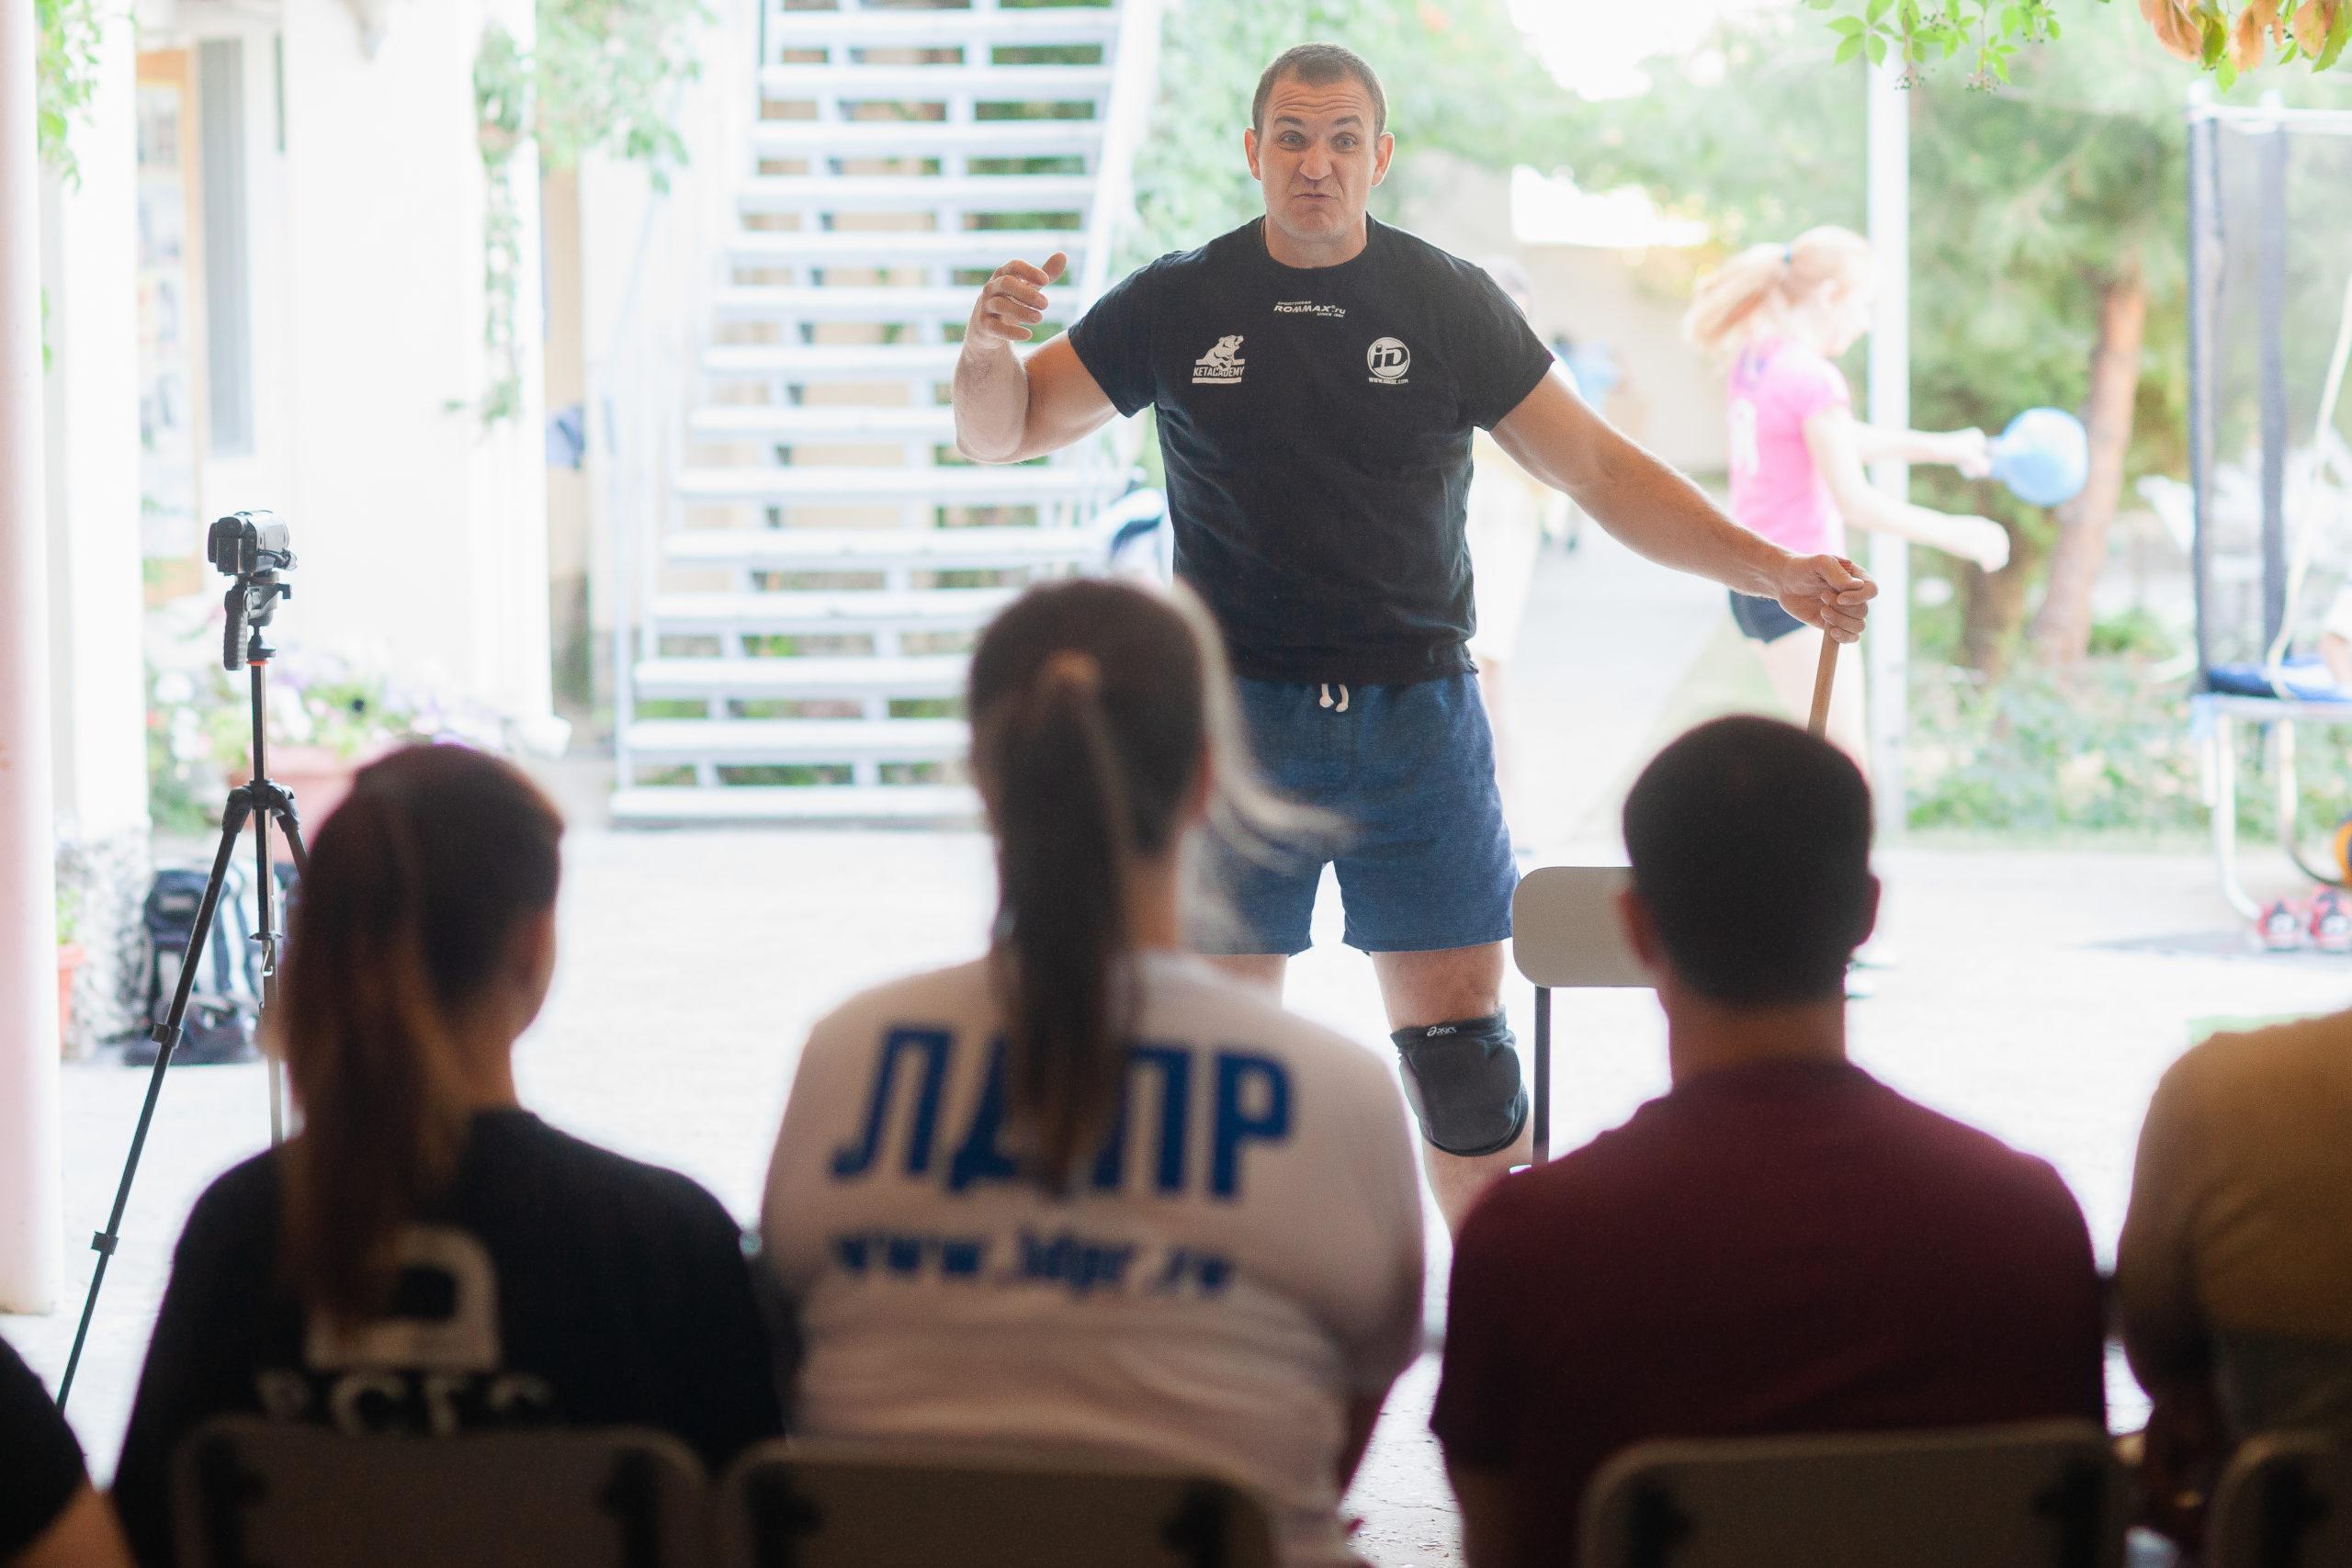 Семинар по тренировкам с гирями и гиревому спорту.